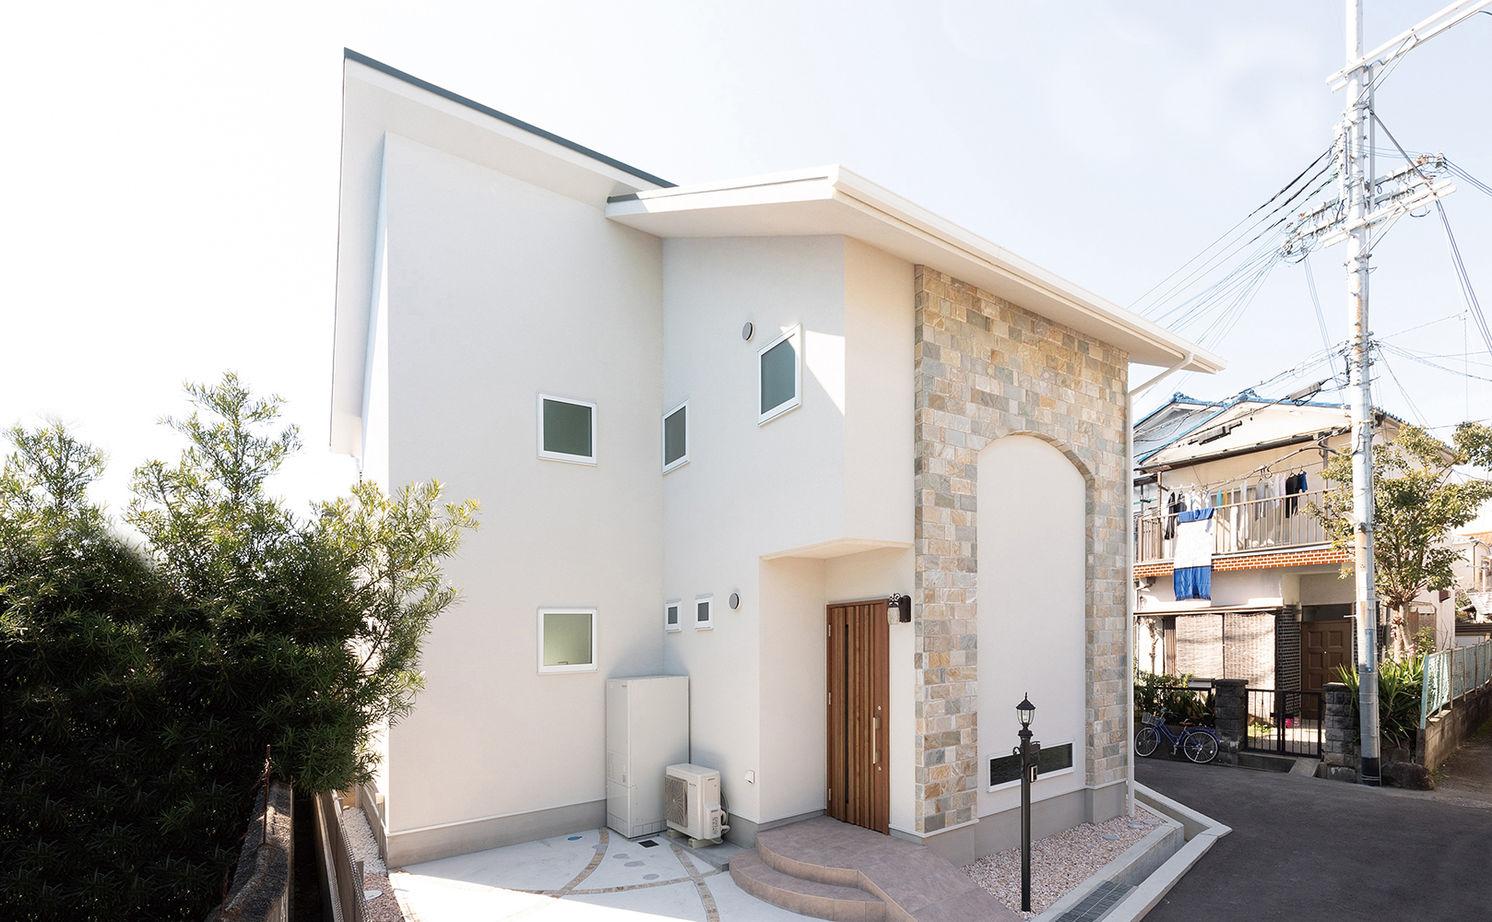 【3000~3500万円】イギリス生活のエッセンスを盛り込んで設計。北摂エリアで土地から叶えた動線のいい家画像1